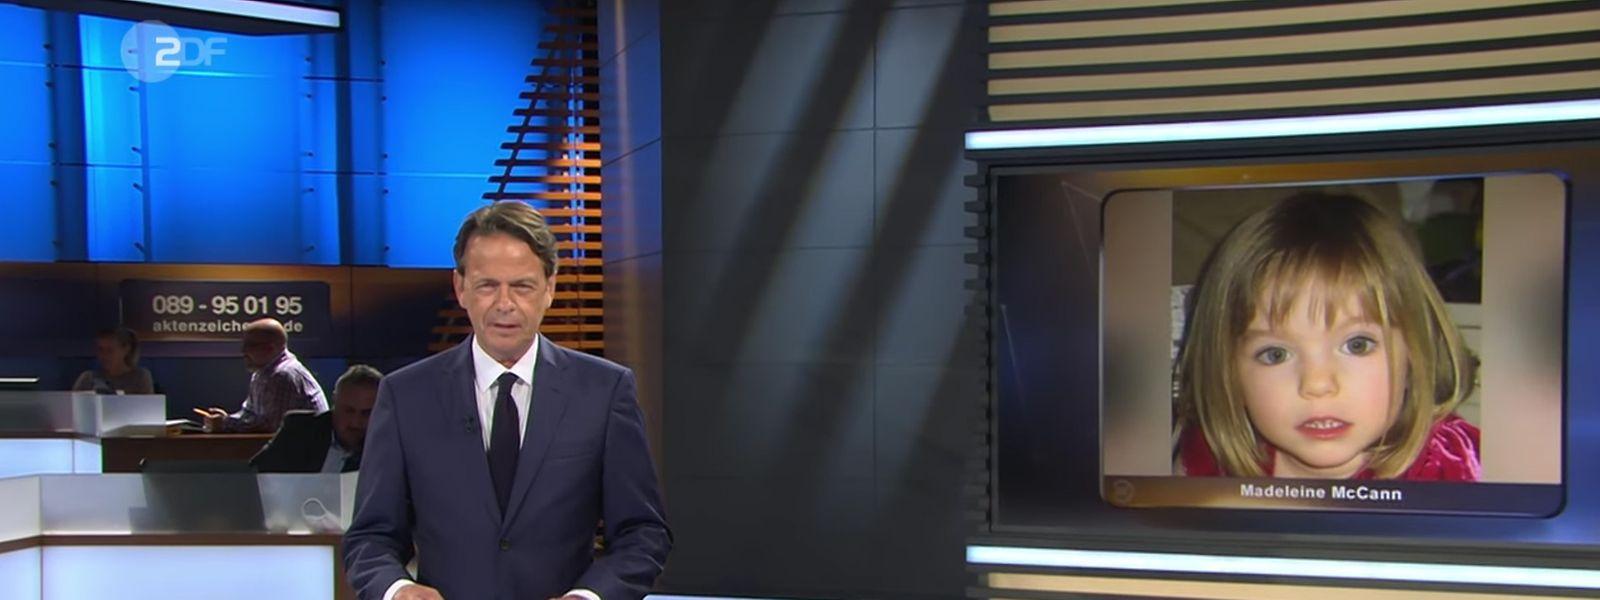 """Das Standbild aus der ZDF-Sendung """"Aktenzeichen XY... ungelöst"""" vom 01.07.2020 zeigt Moderator Rudi Cerne vor einem Bild des vor 13 Jahren verschwundenen Mädchens Maddie McCann."""